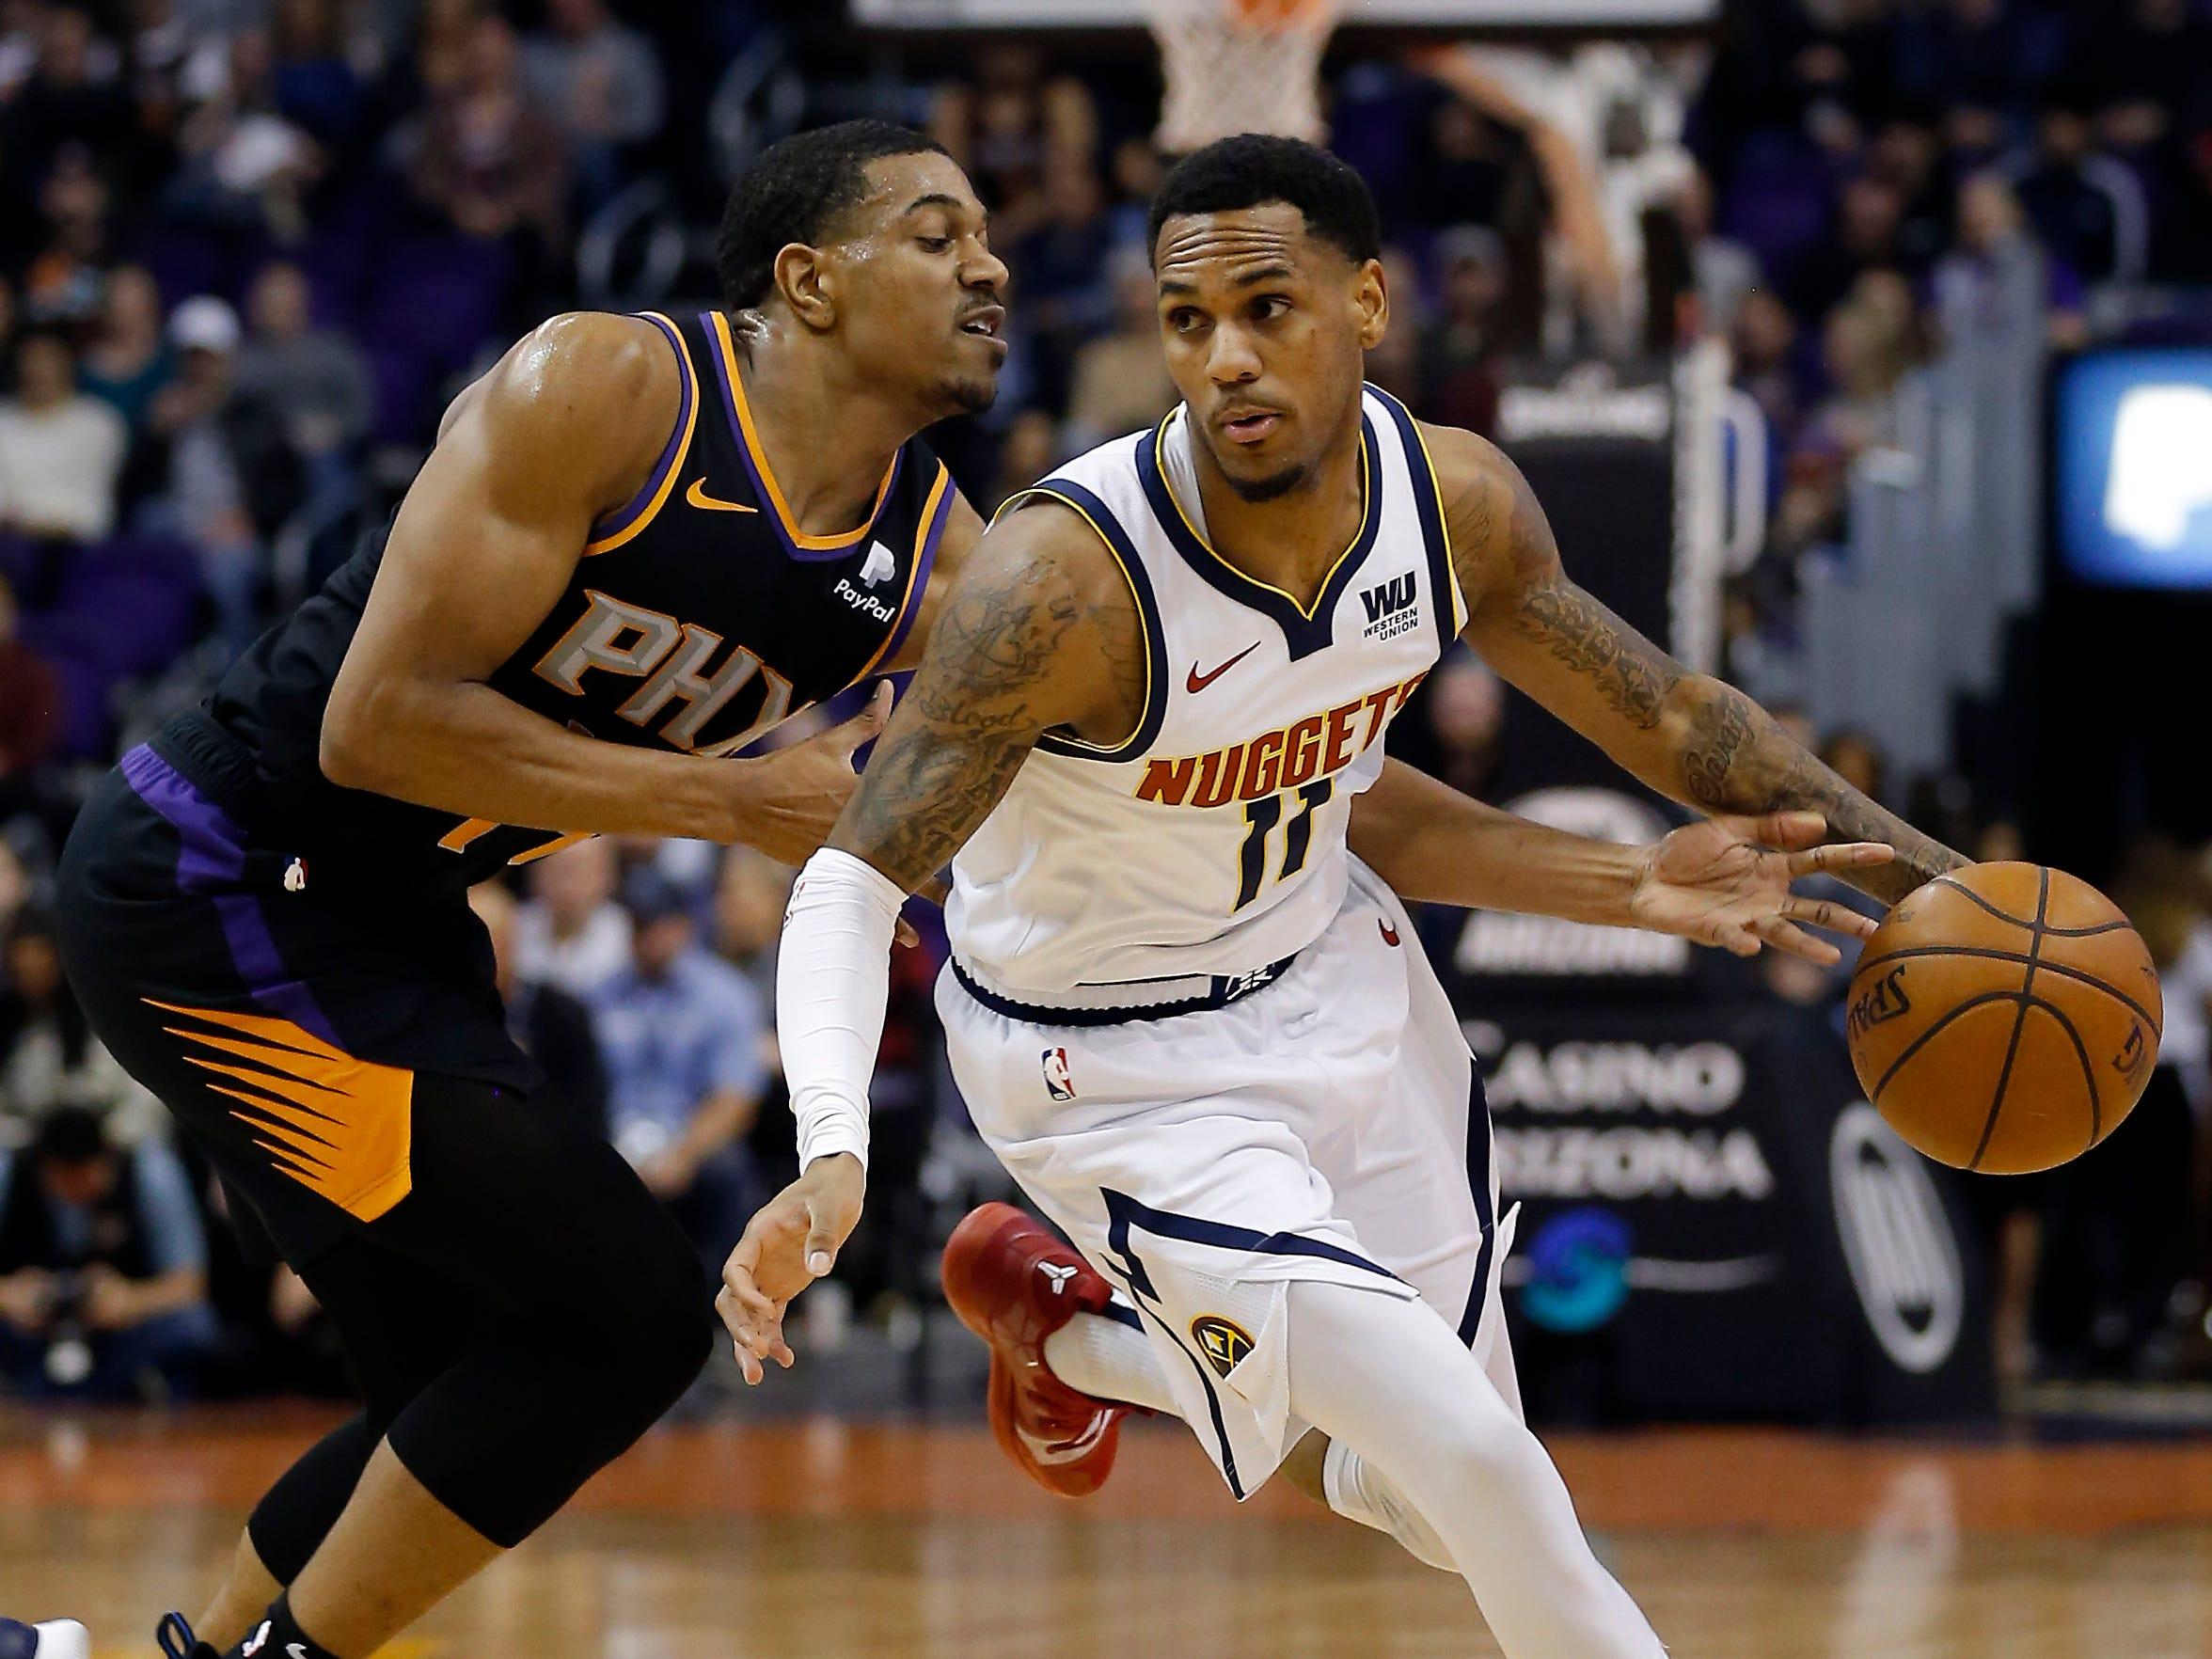 Denver Nuggets guard Monte Morris (11) drives past Phoenix Suns guard De'Anthony Melton, Saturday, Jan. 12, 2019, in Phoenix. (AP Photo/Rick Scuteri)